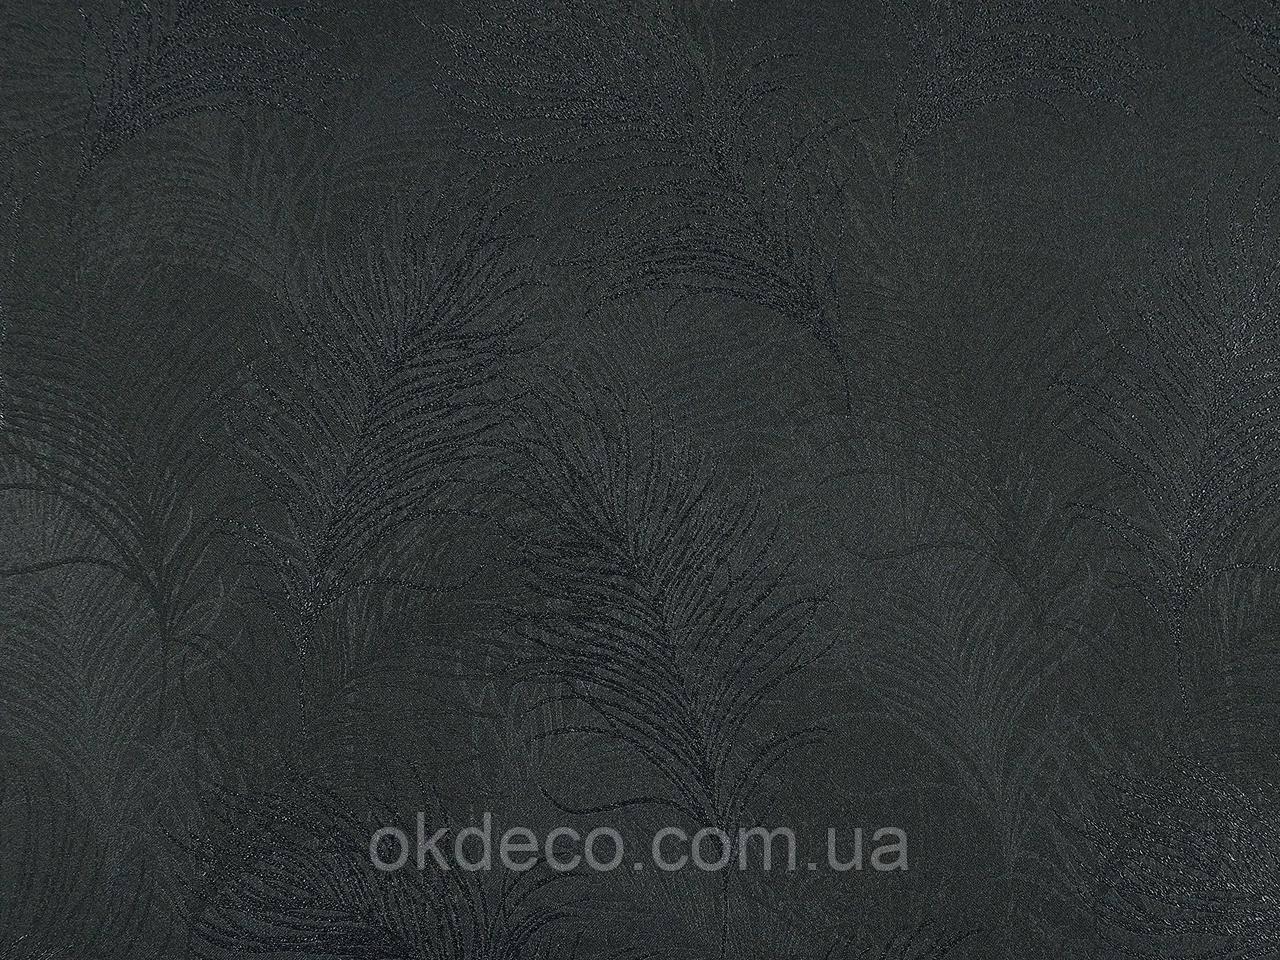 Обои виниловые на флизелиновой основе ArtGrand Bravo 81166BR39